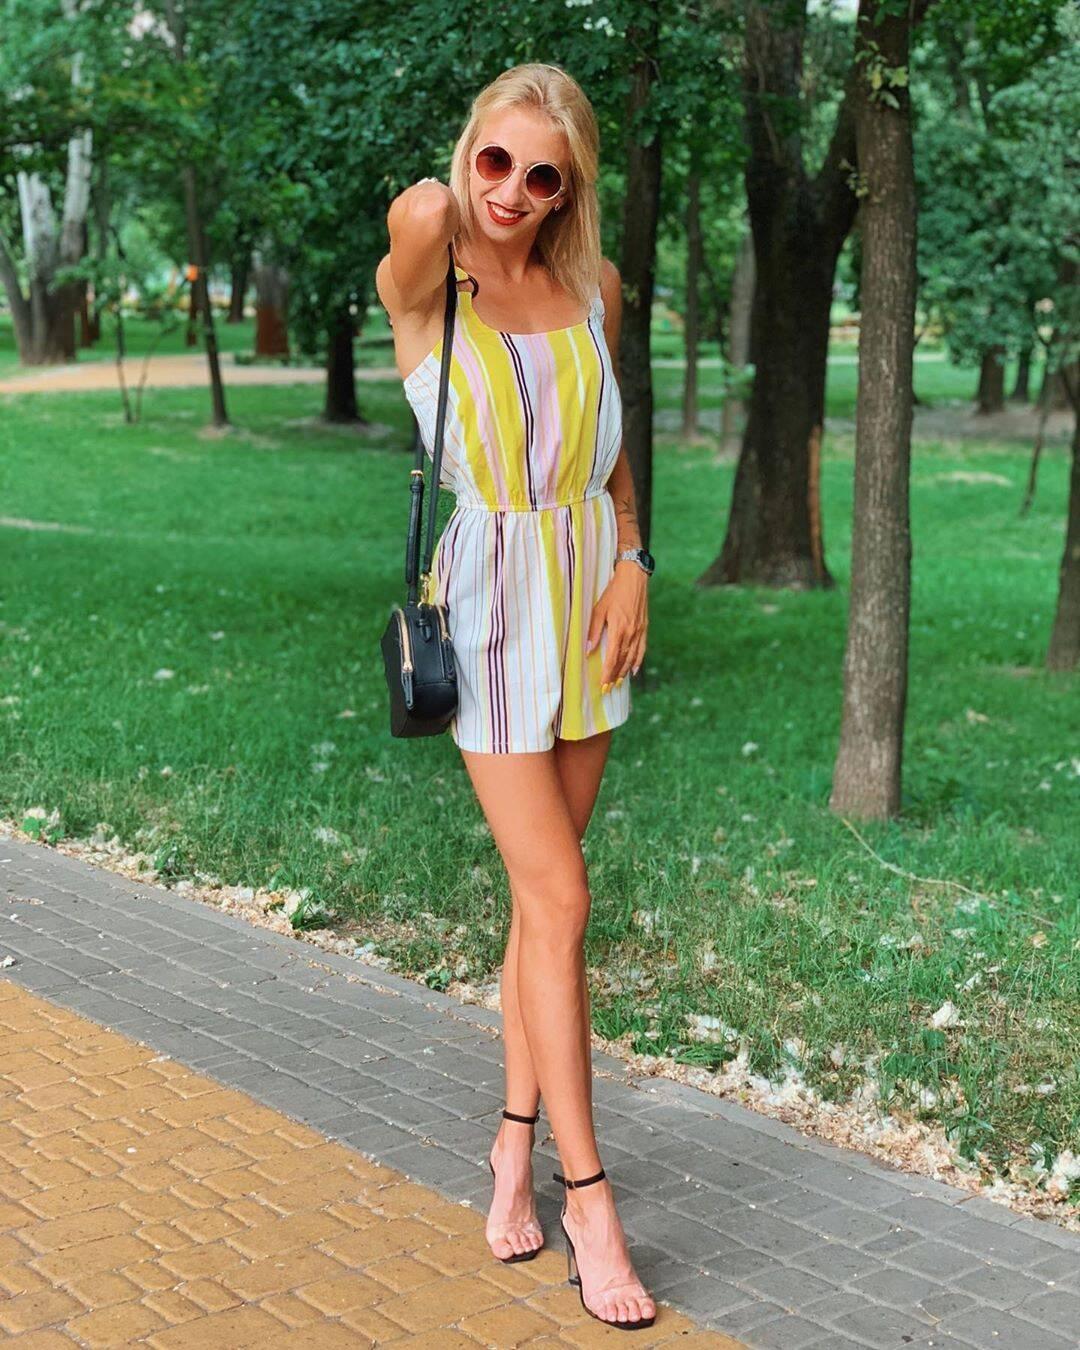 Українська спортсменка, яка позувала оголеною в Криму, знялася на дикому пляжі